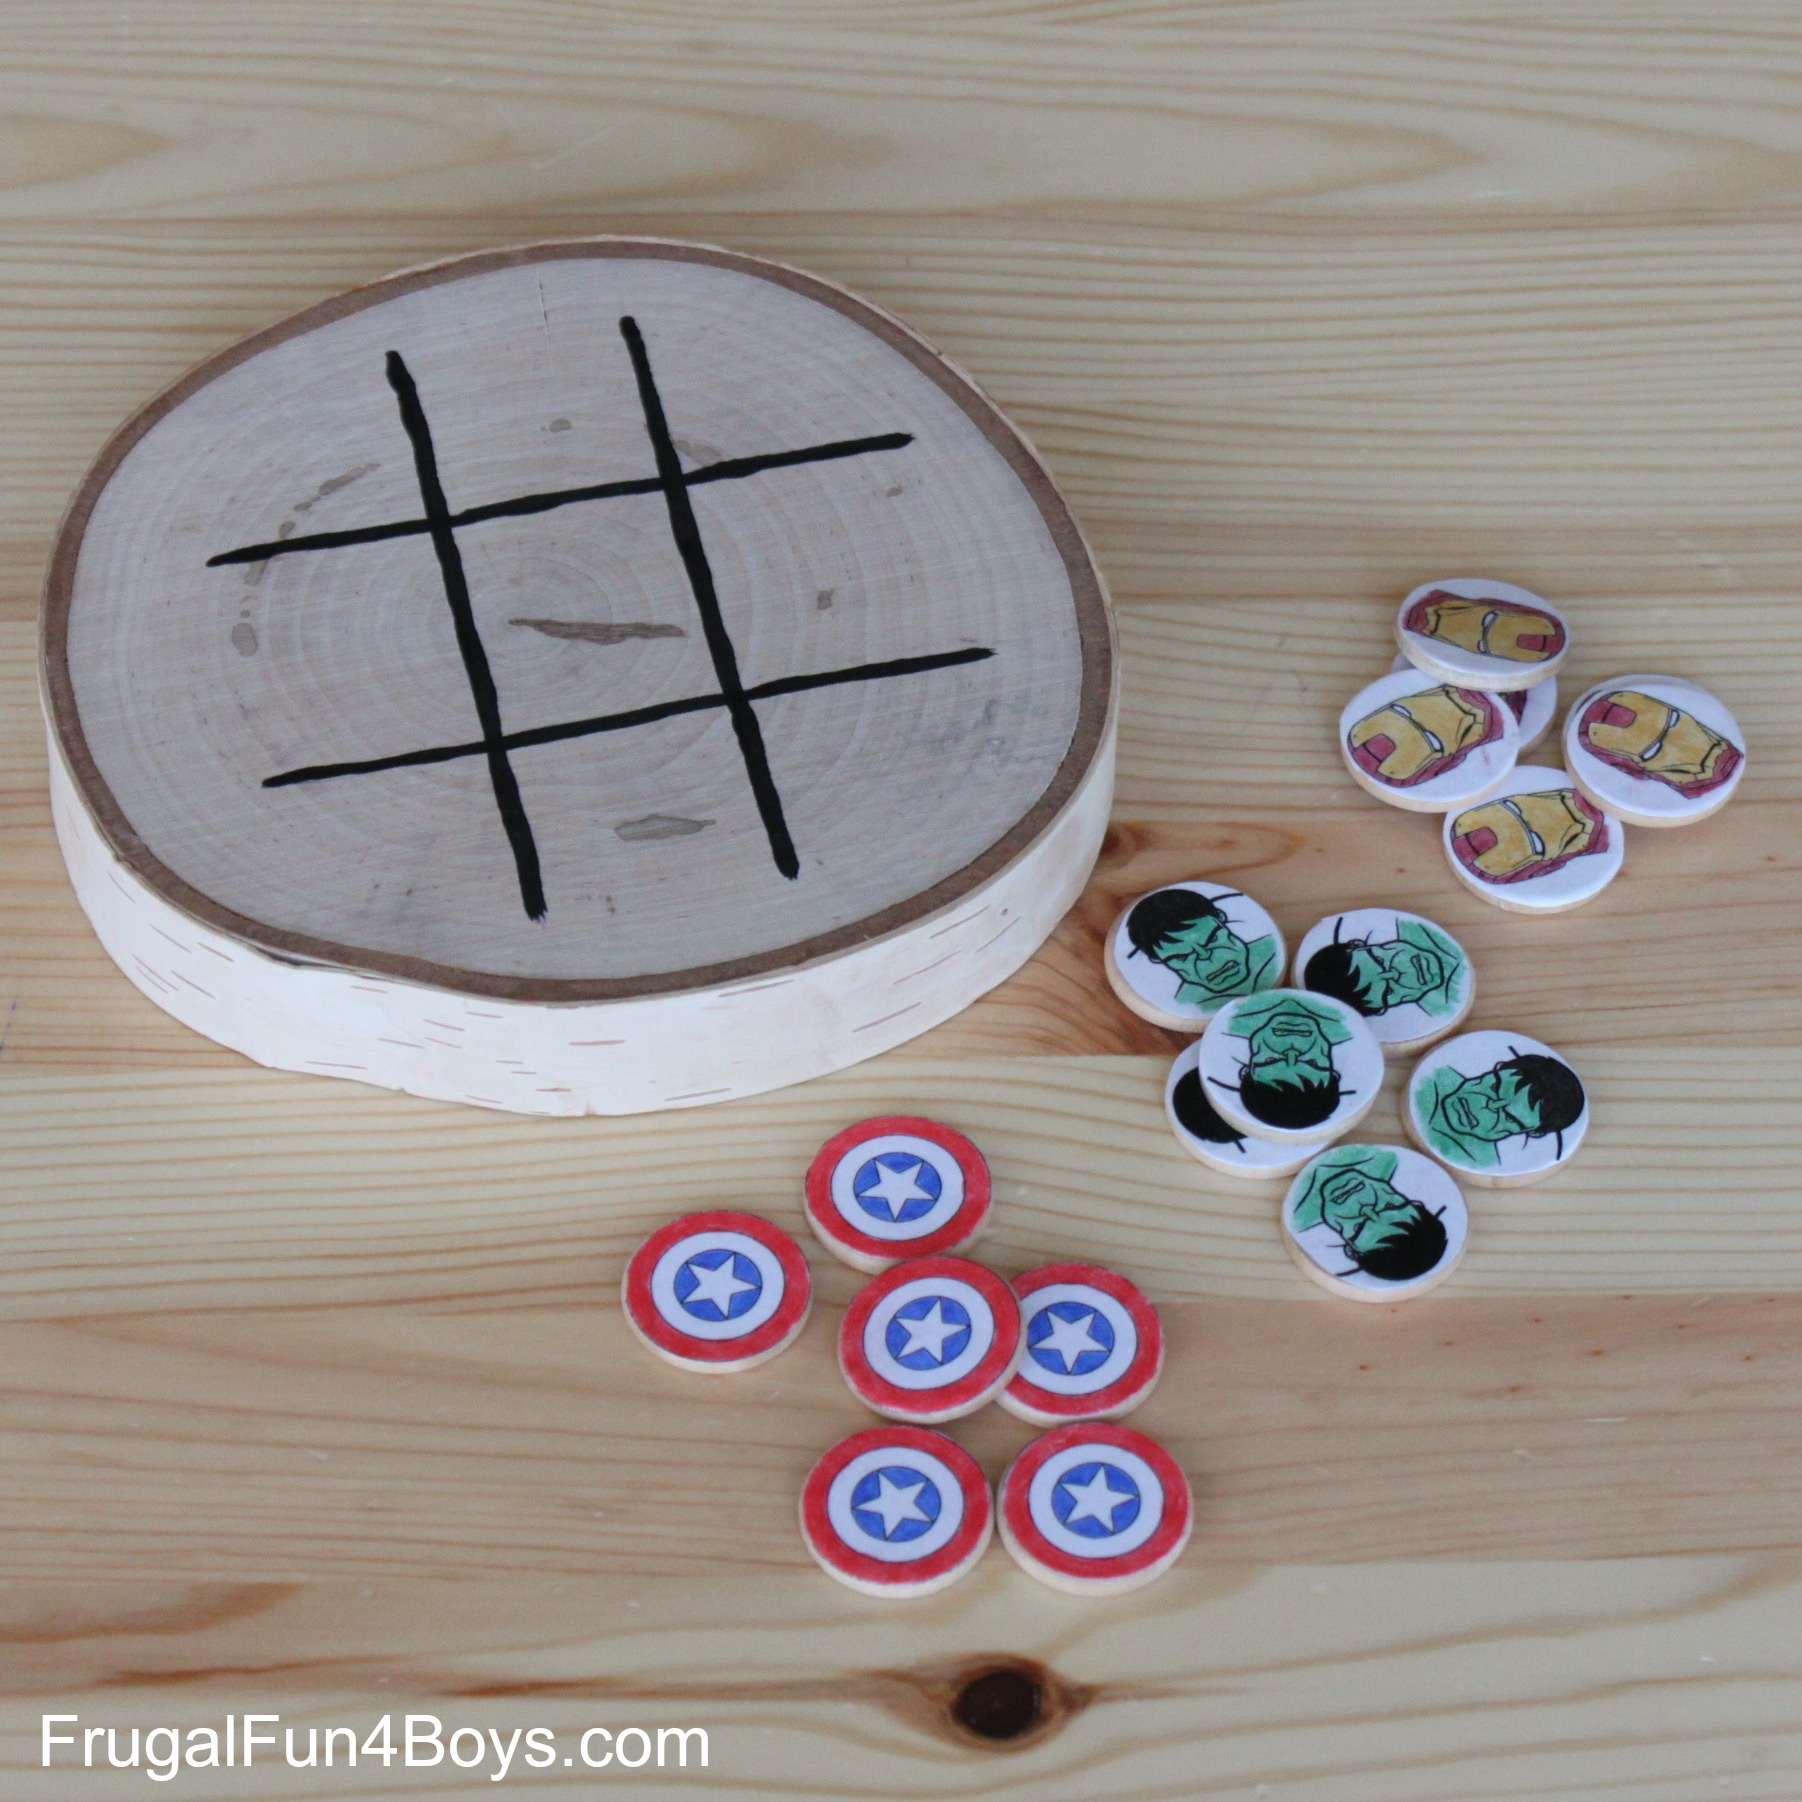 DIY Avengers Tic Tac Toe Game